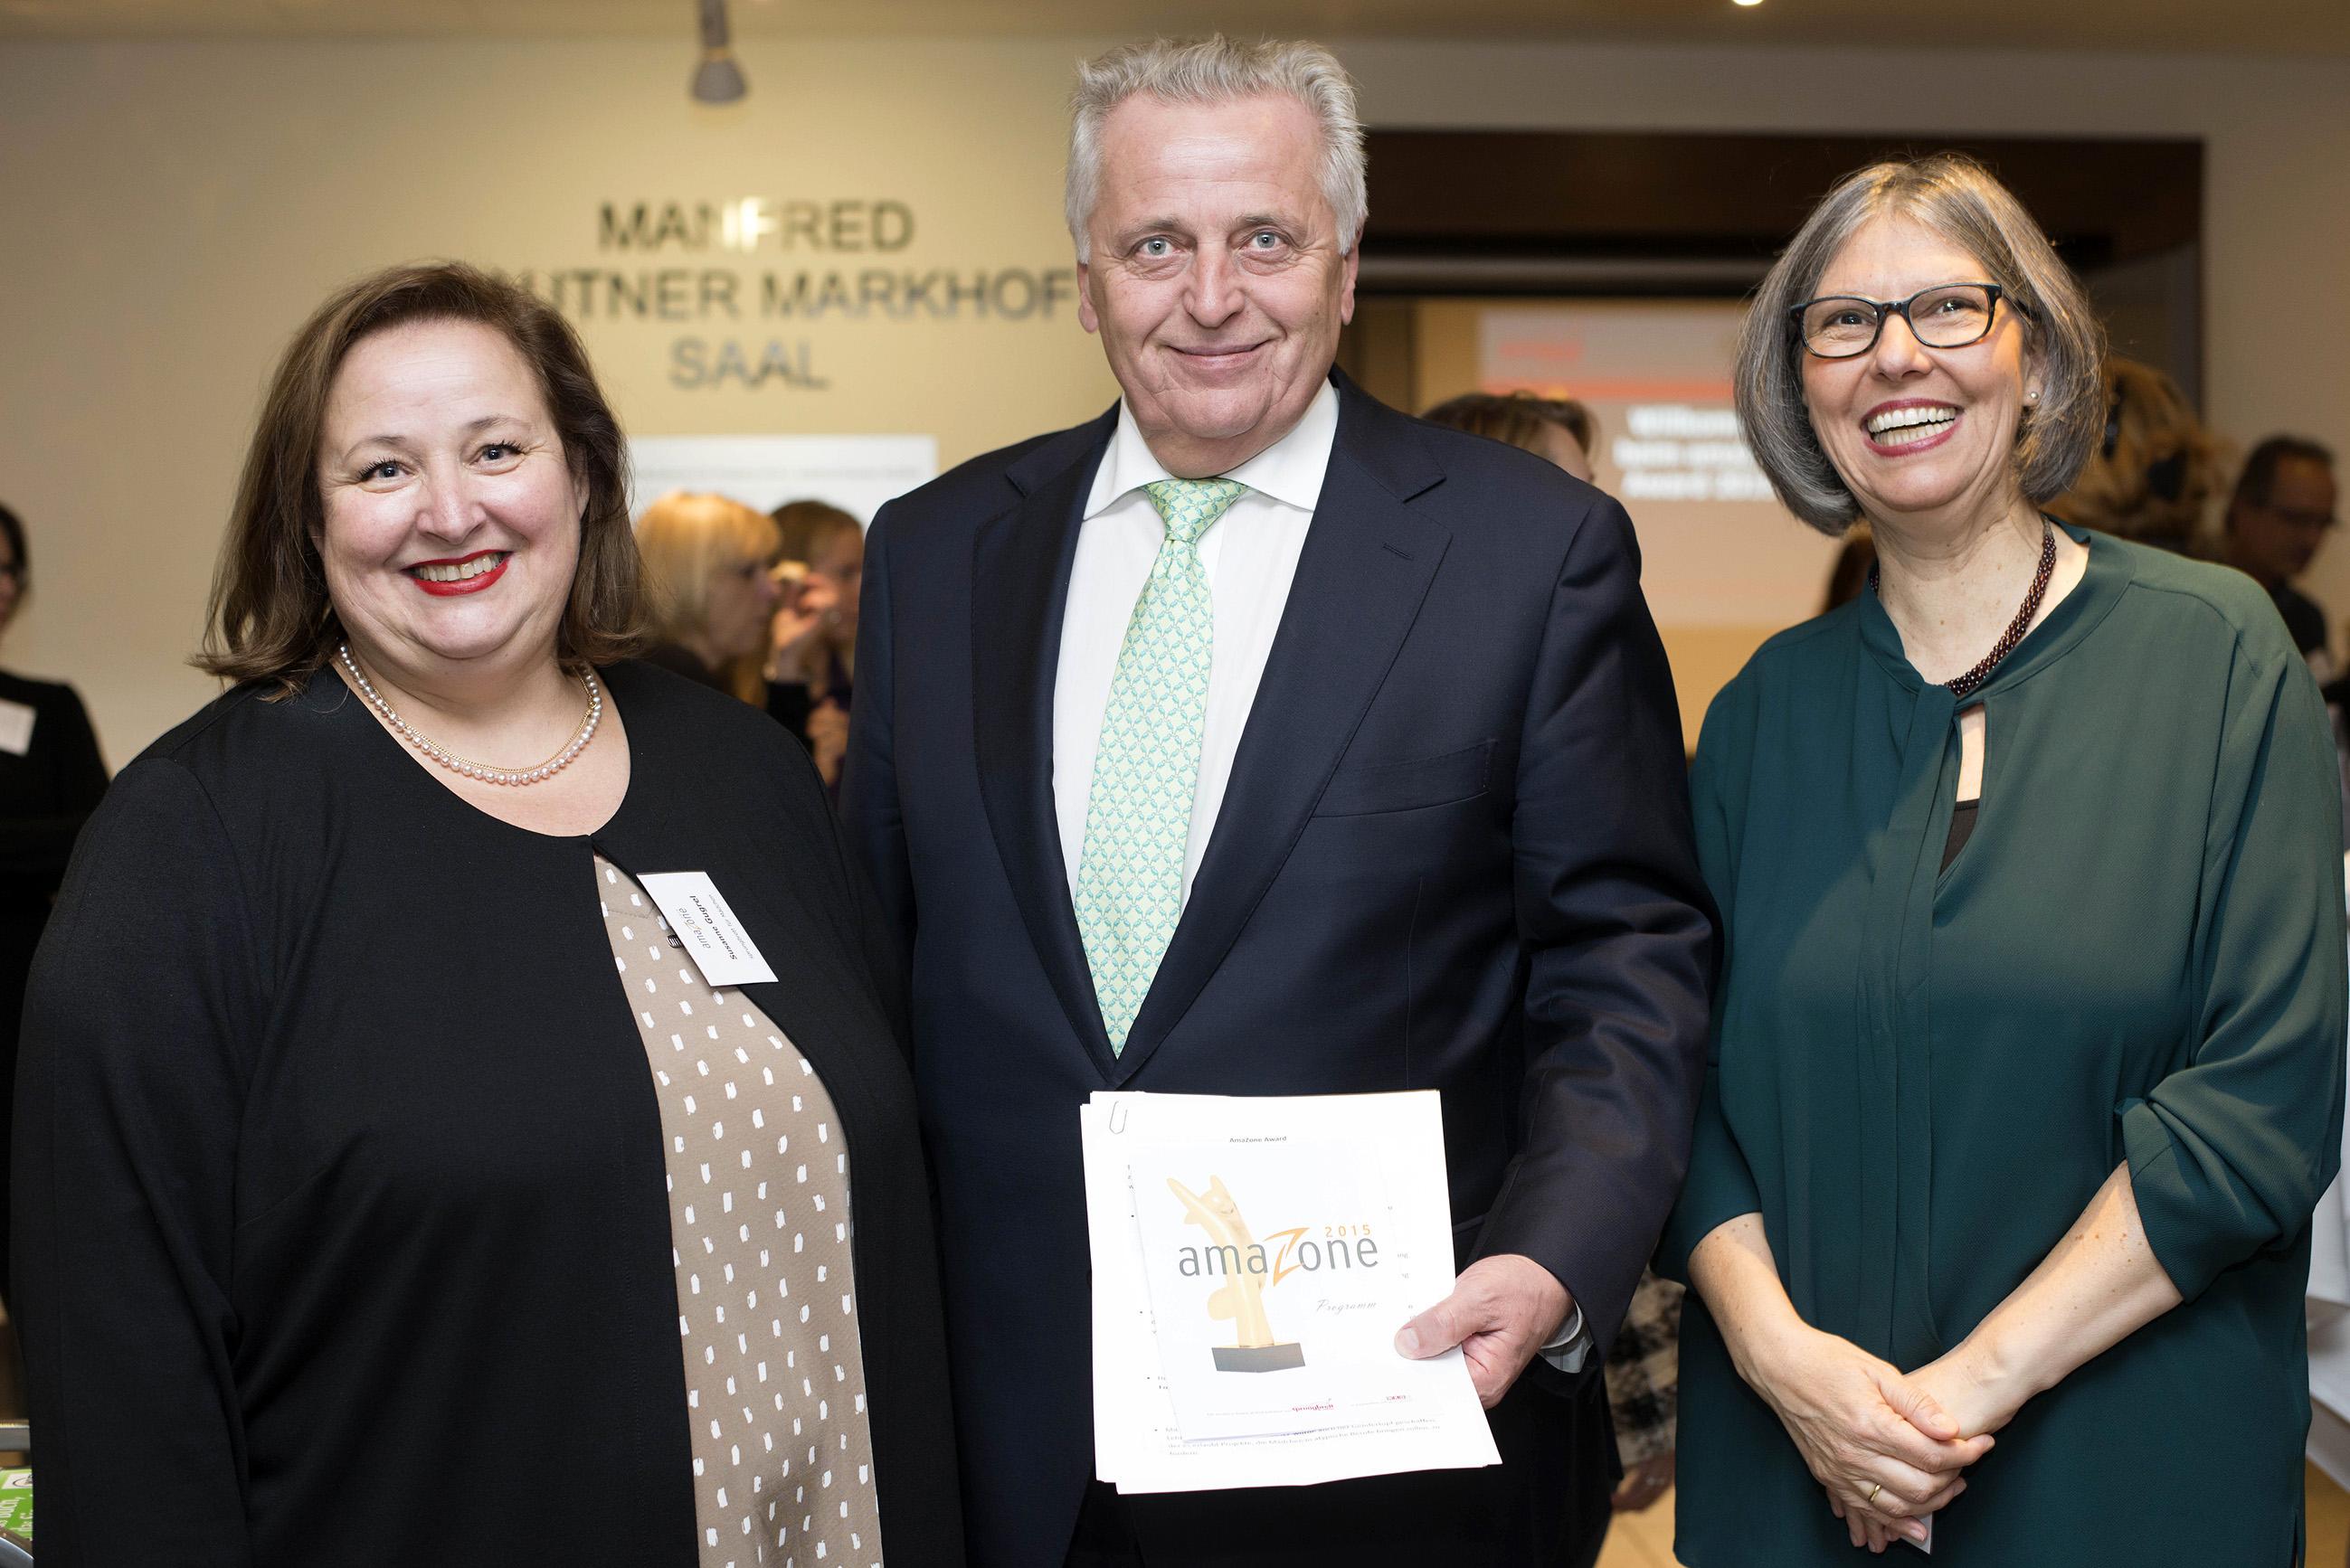 Susanne Gugrel, Rudi Hundstorfer und Margarete Bican bei der amaZone-award Verleihung 2015